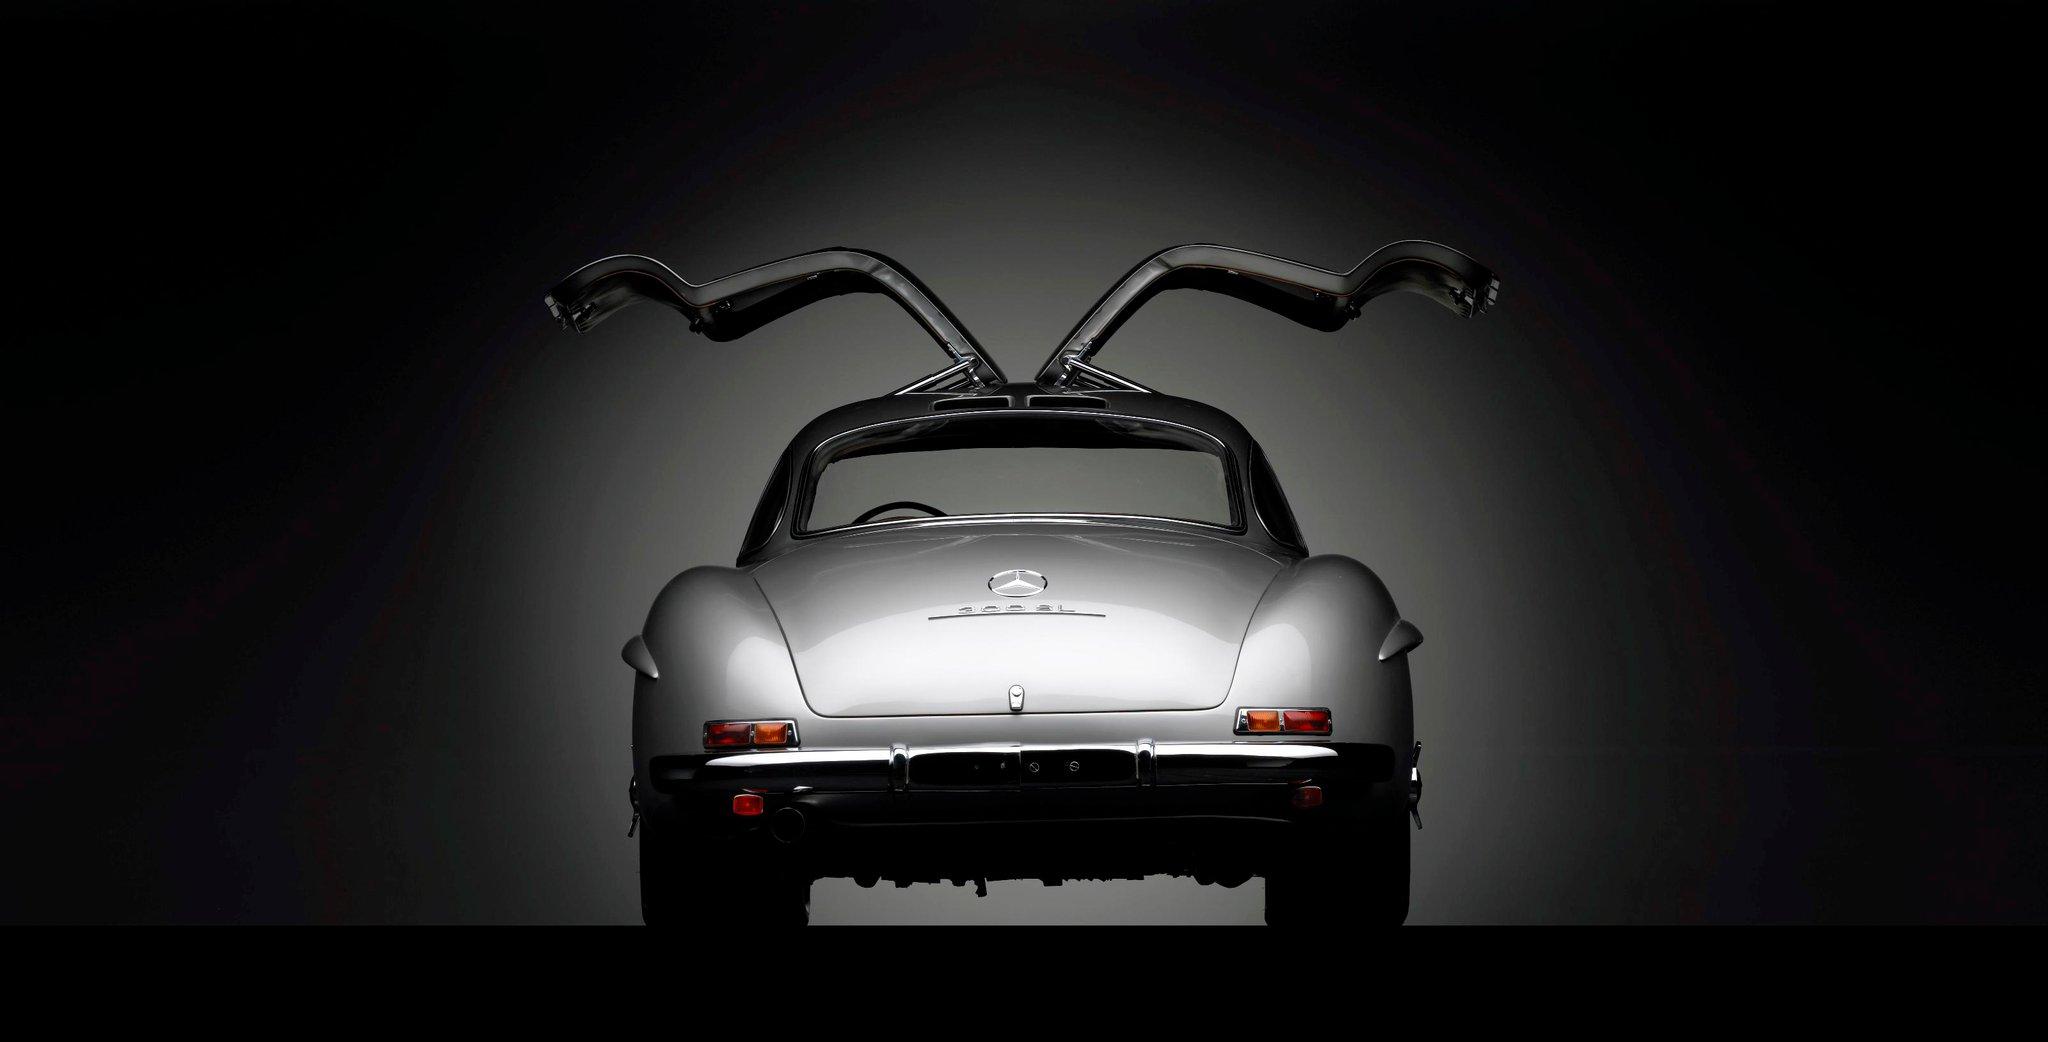 Mercedes-Benz-300-SL-Gullwing-1955.jpg